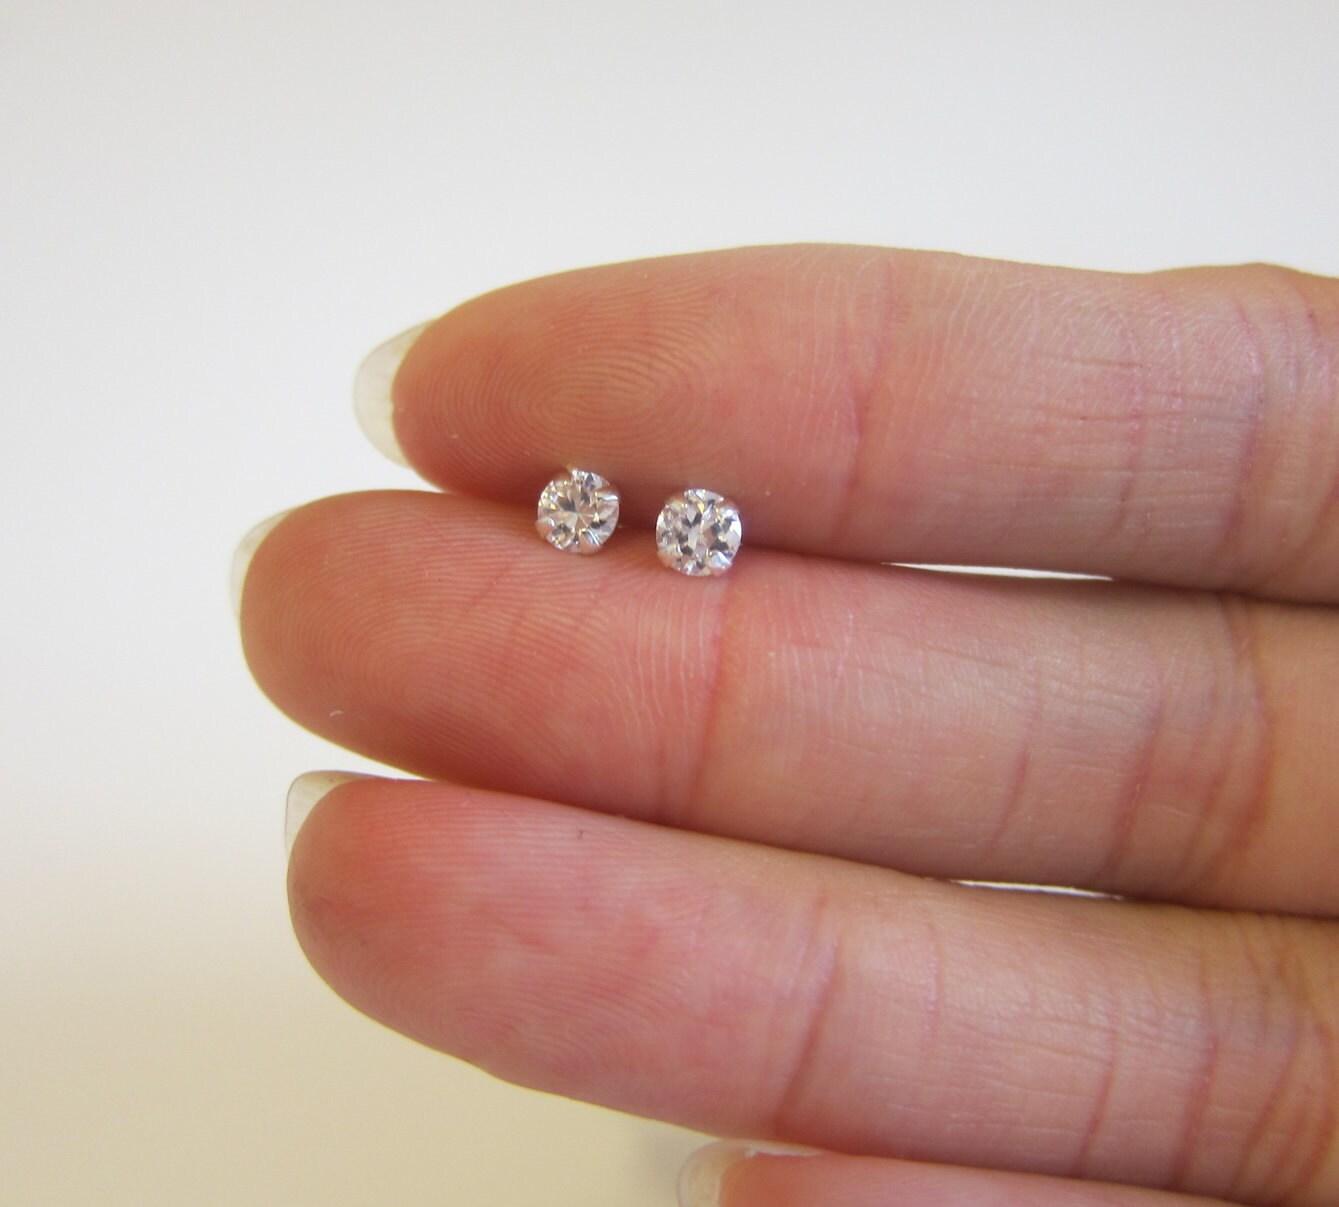 4mm CZ diamond Stud Earrings silver stud earrings Cartilage